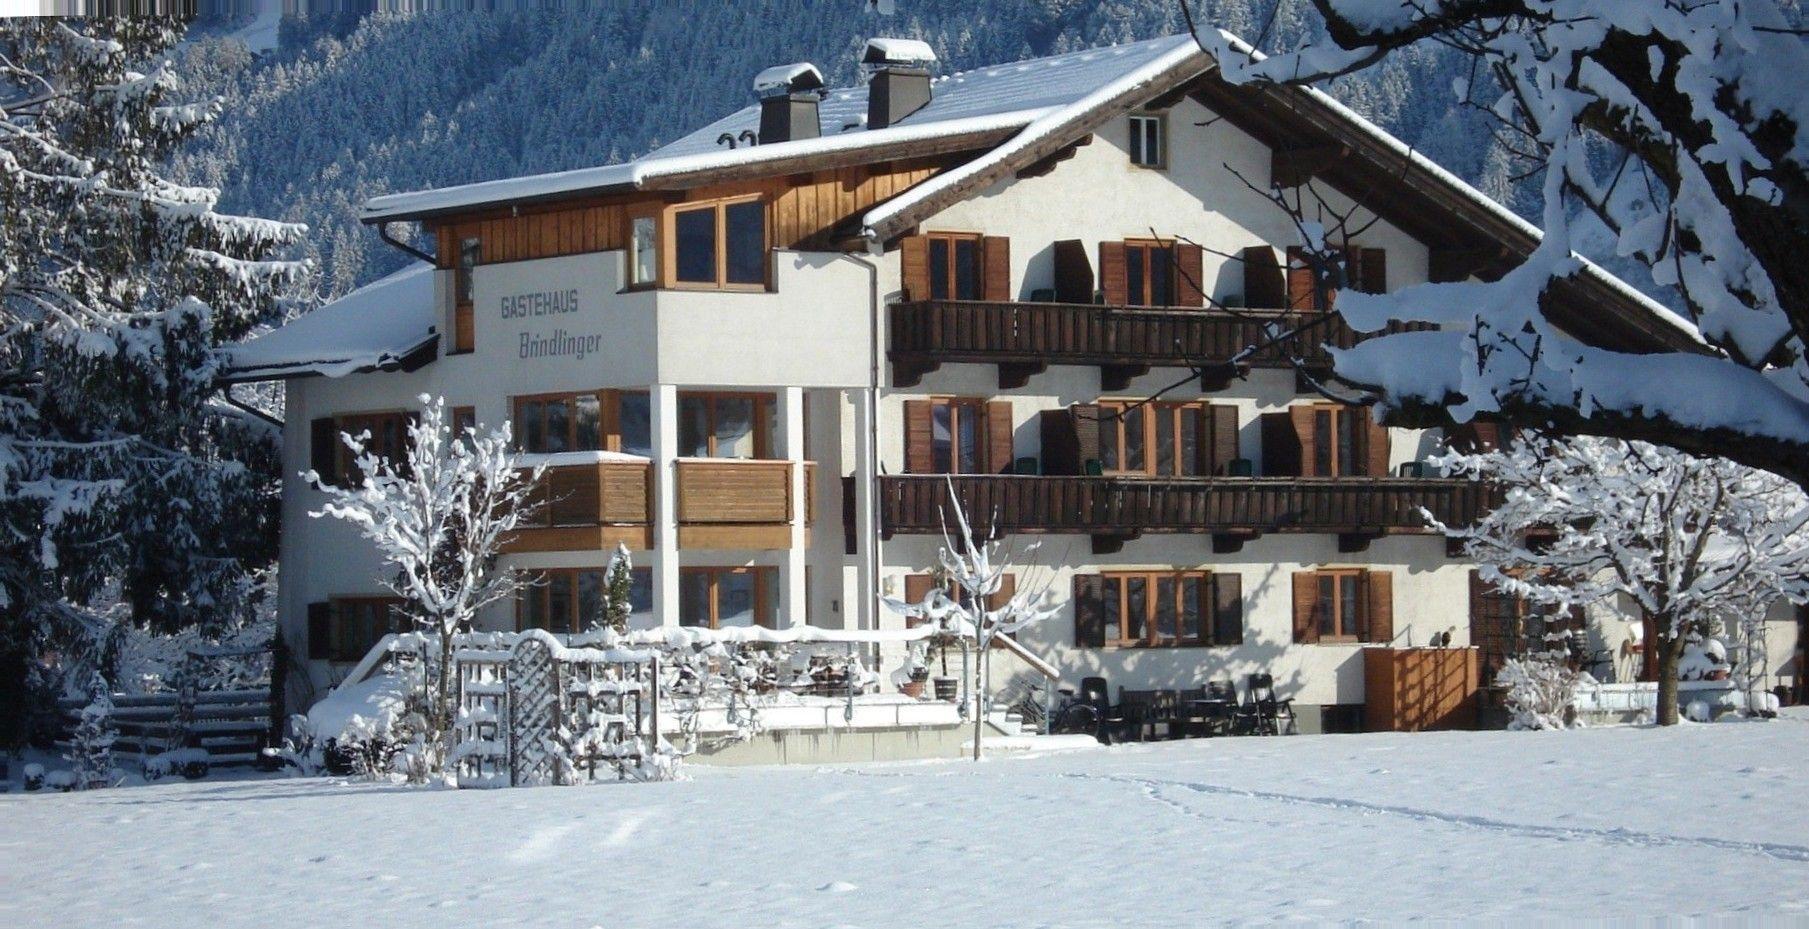 Gästehaus Brindlinger